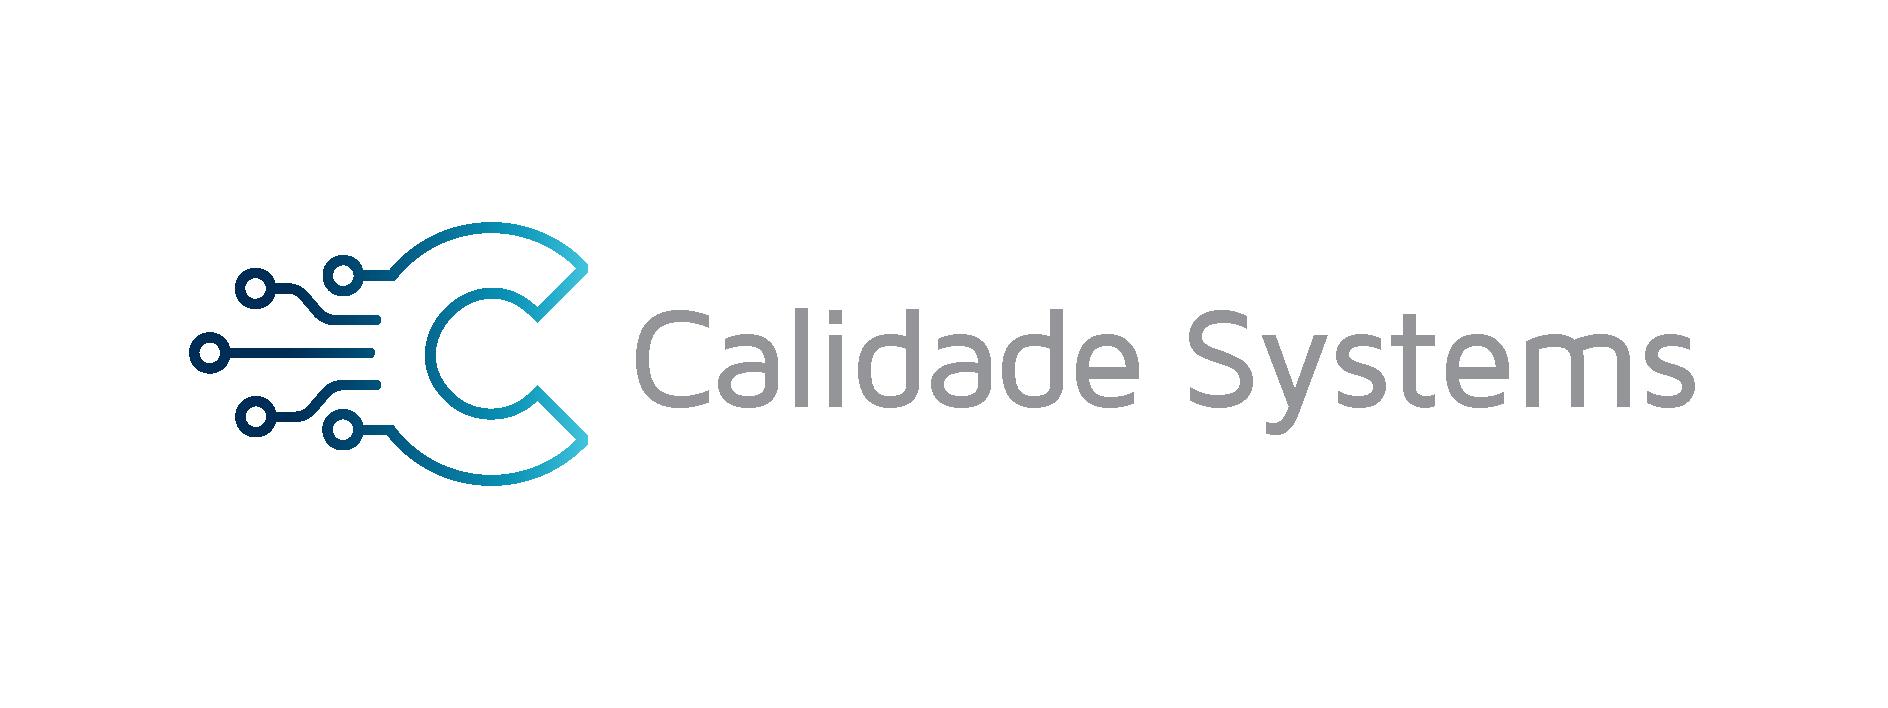 Calidade Systems